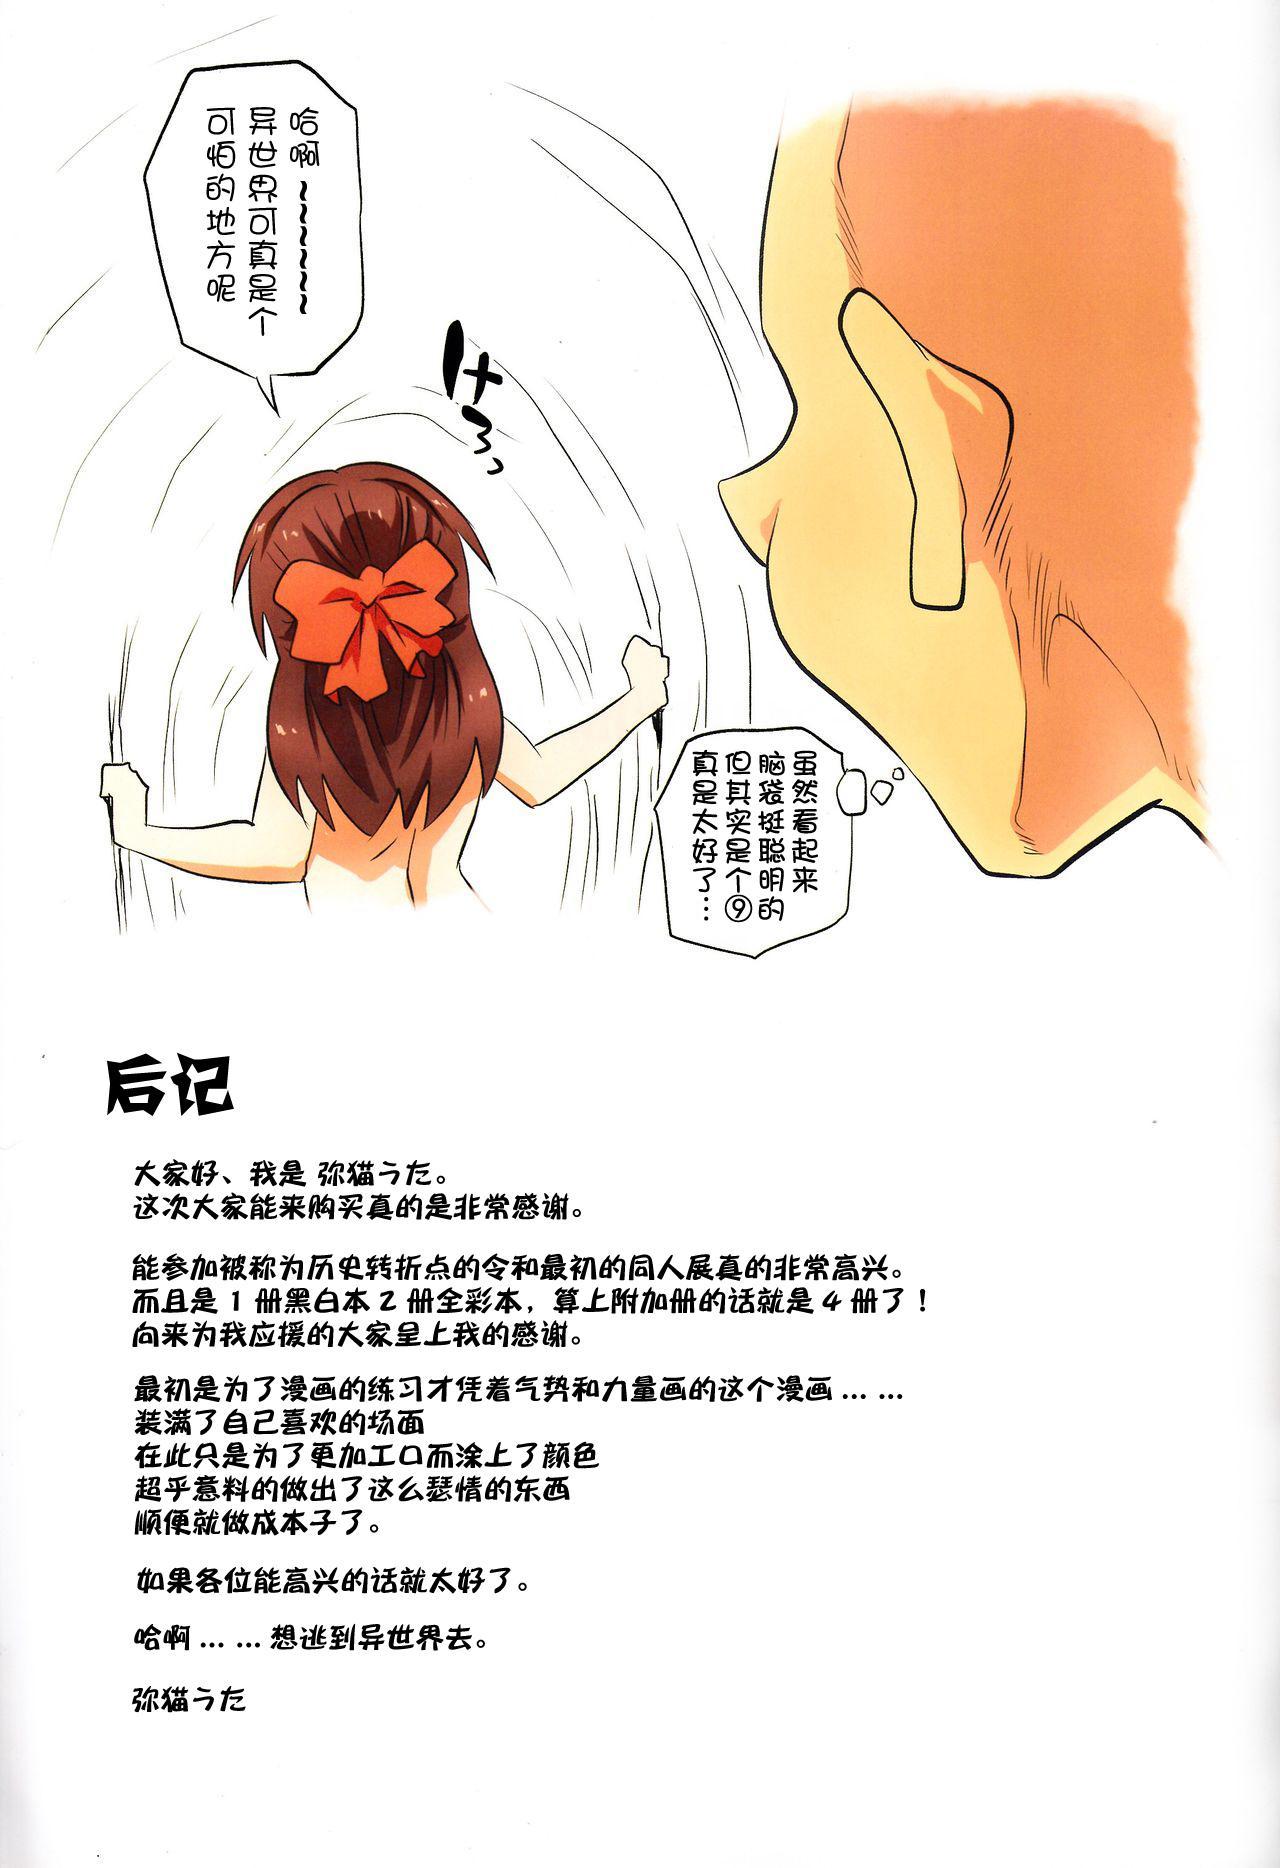 Jibun no Mihitotsu de Isekai ni Teni shita Onnanoko no Hanashi 27